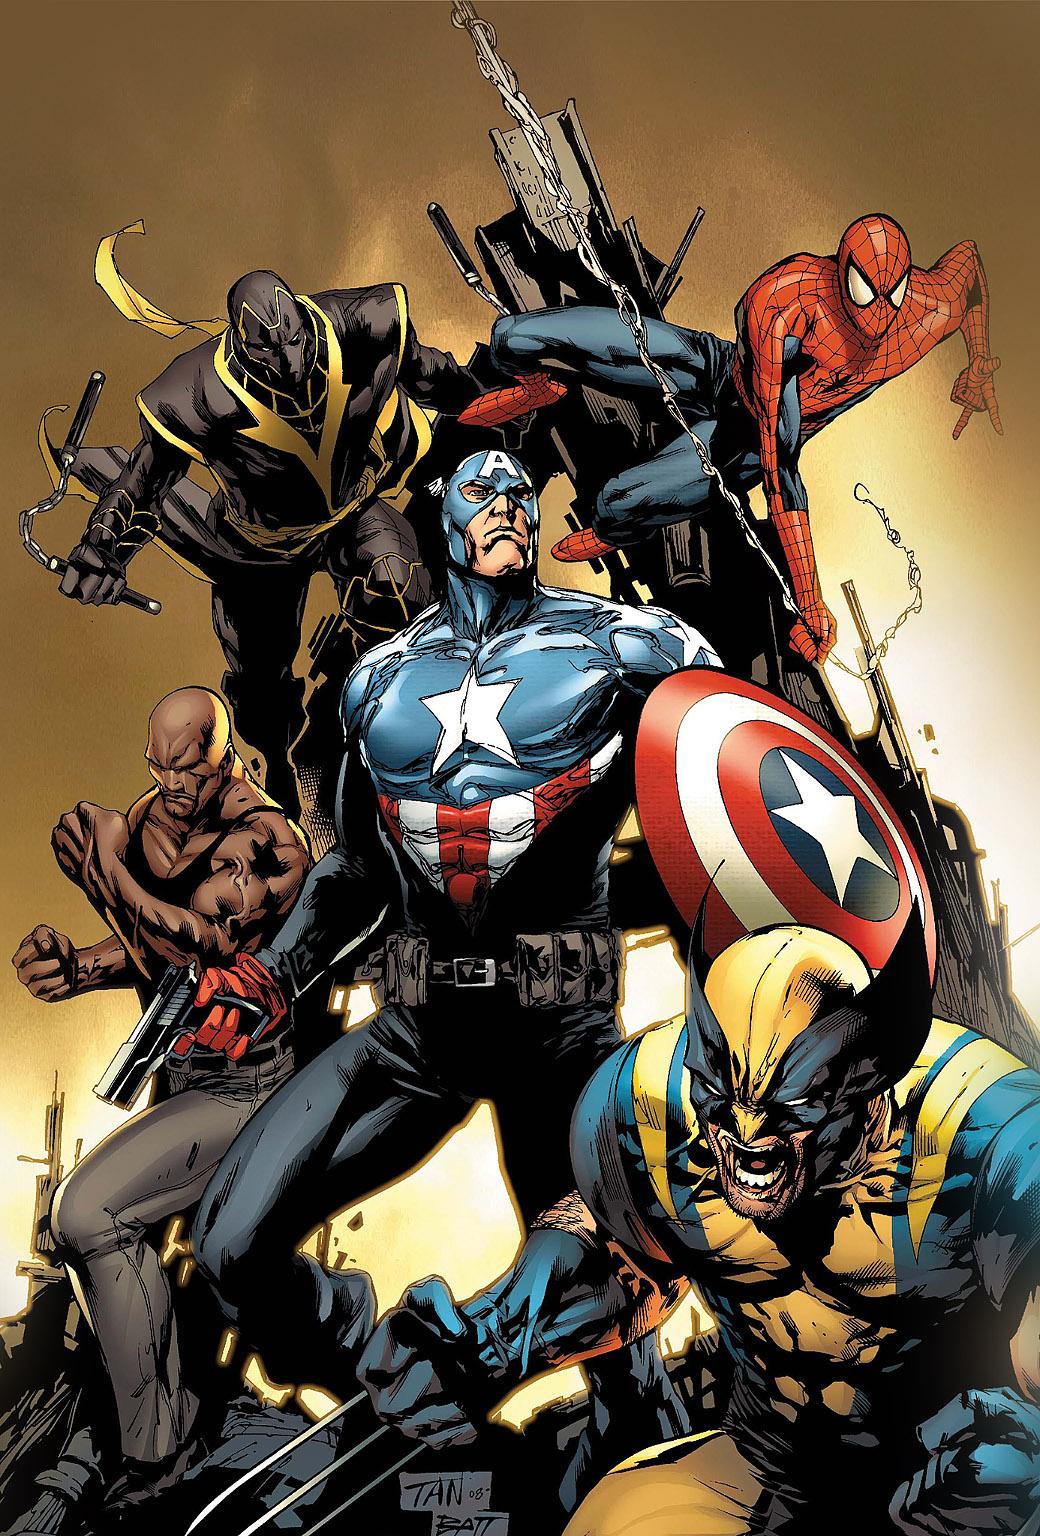 Avengers Superhero Character Wallpaper Mobile Phone Full HD For 1040x1536